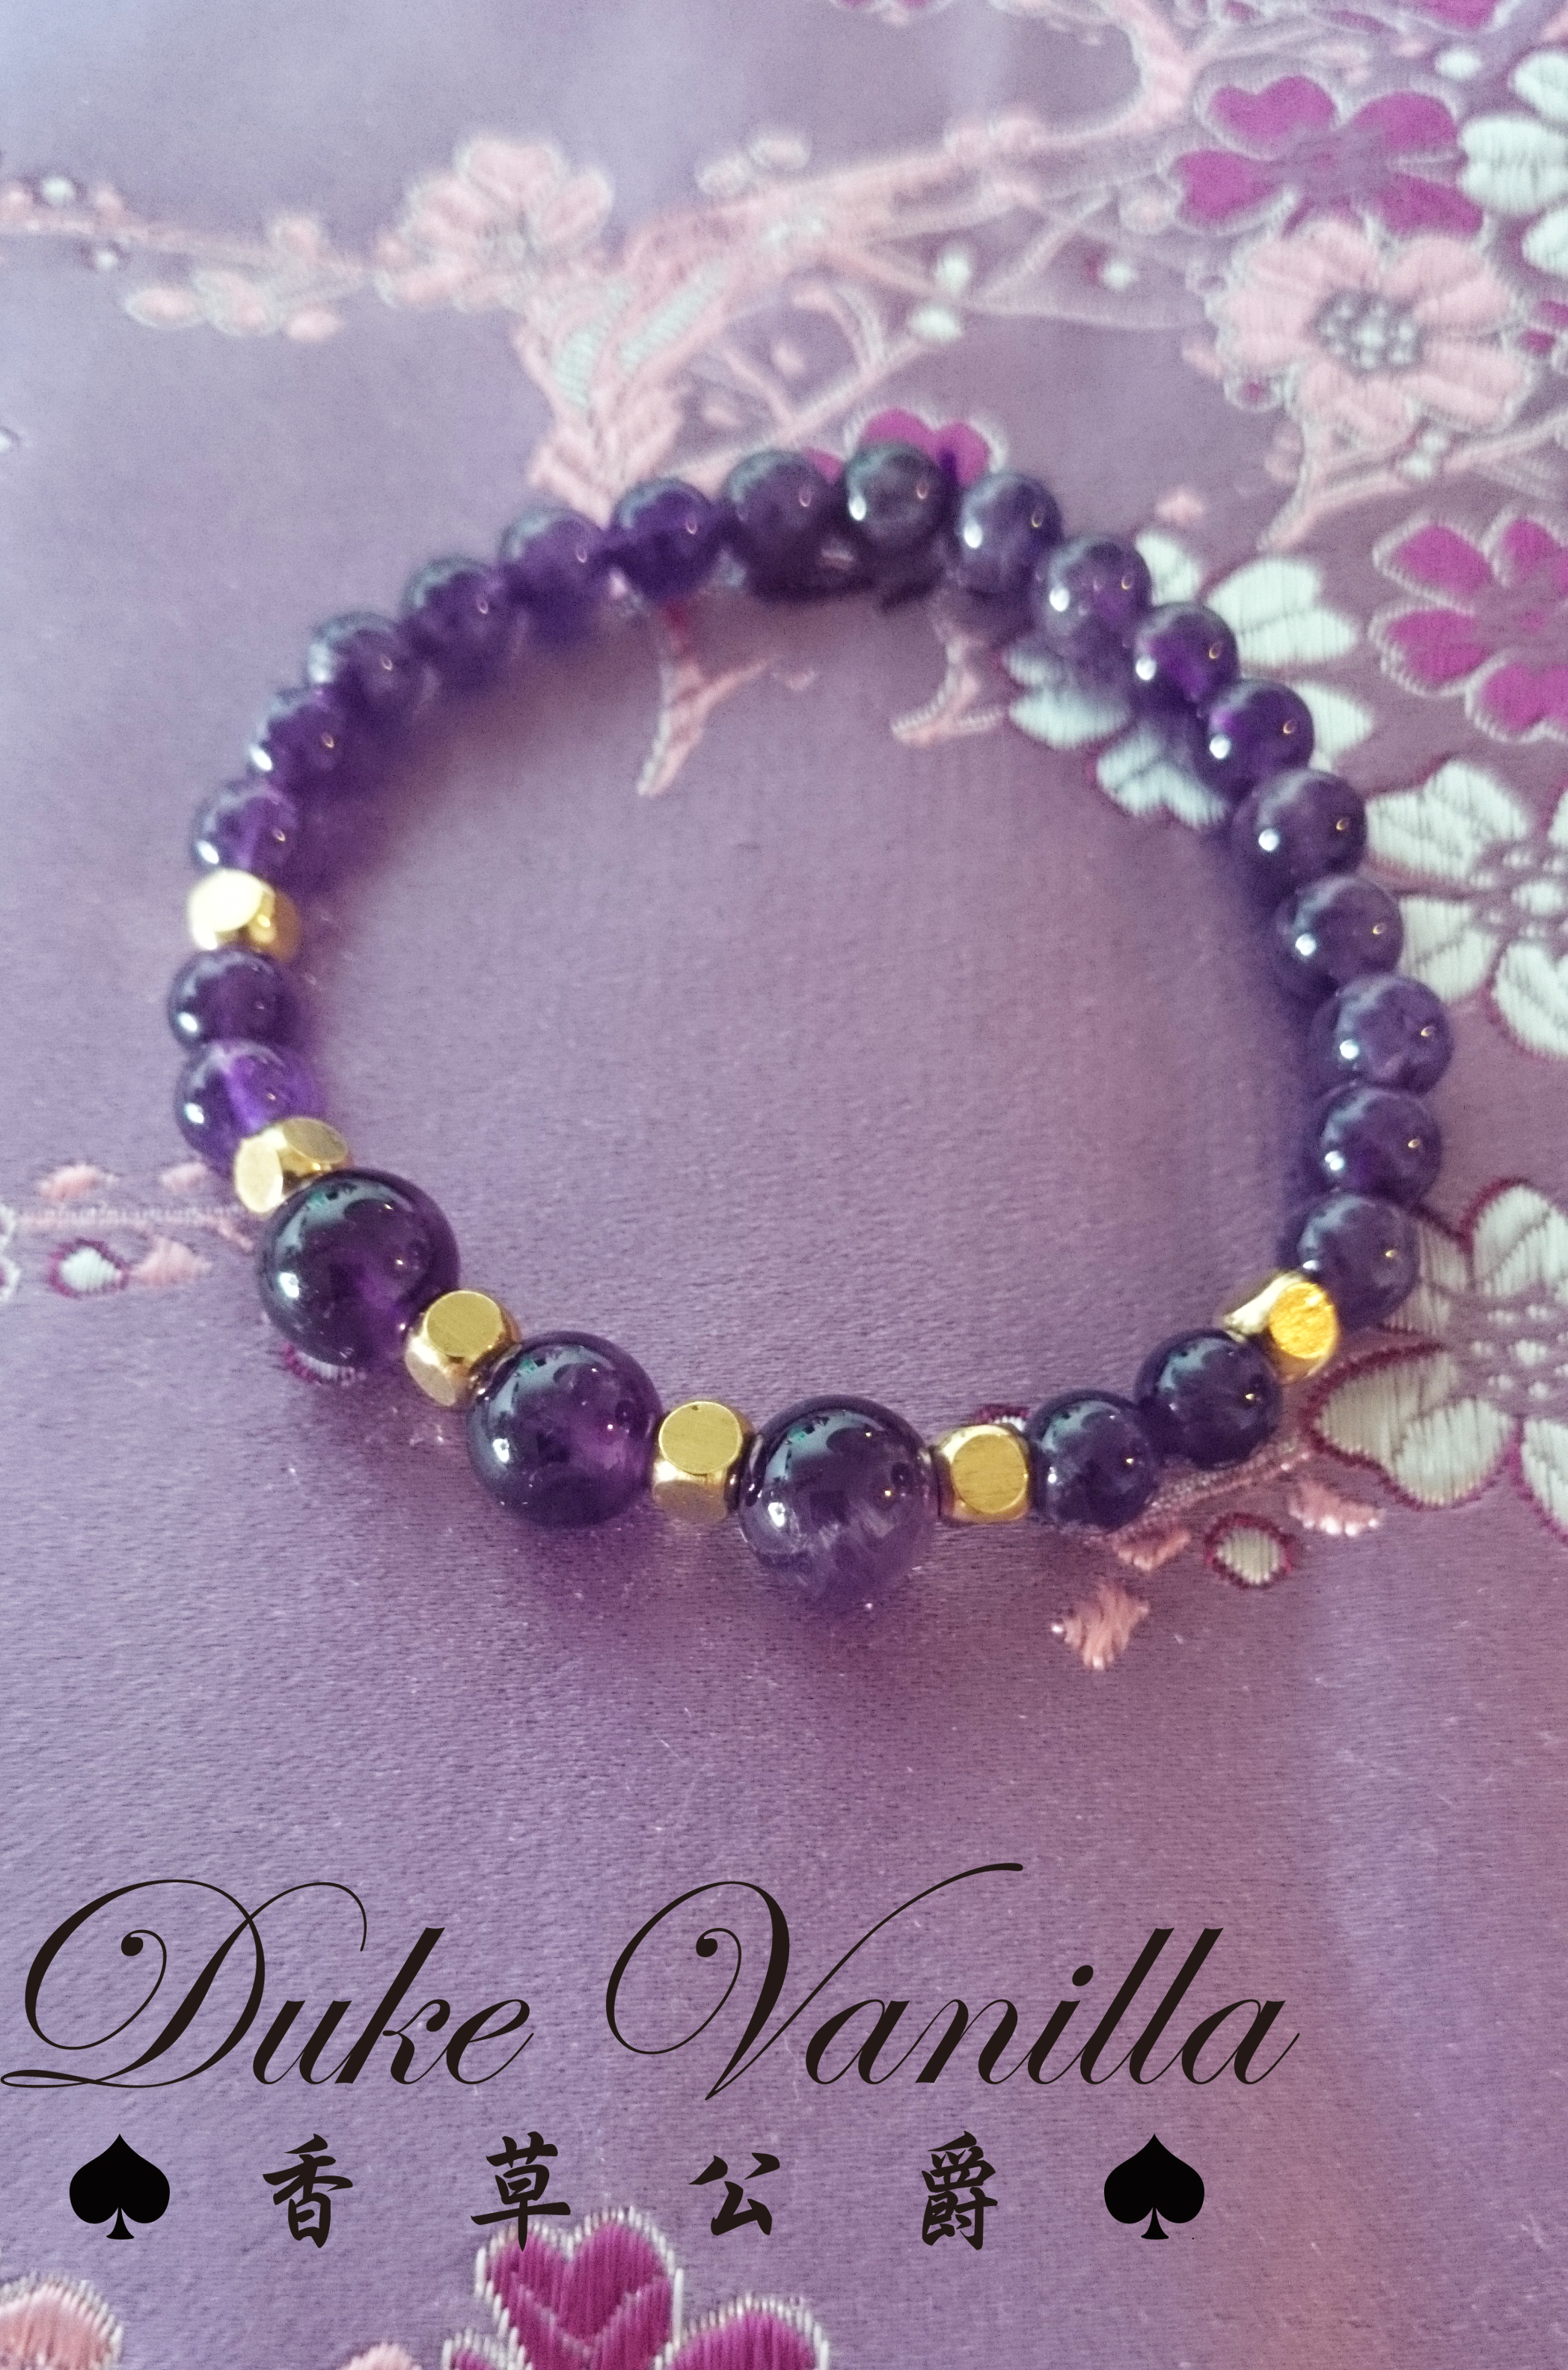 無電鍍黃銅方塊珠 貴氣紫水晶手環 - Duke Vanilla 香草公爵